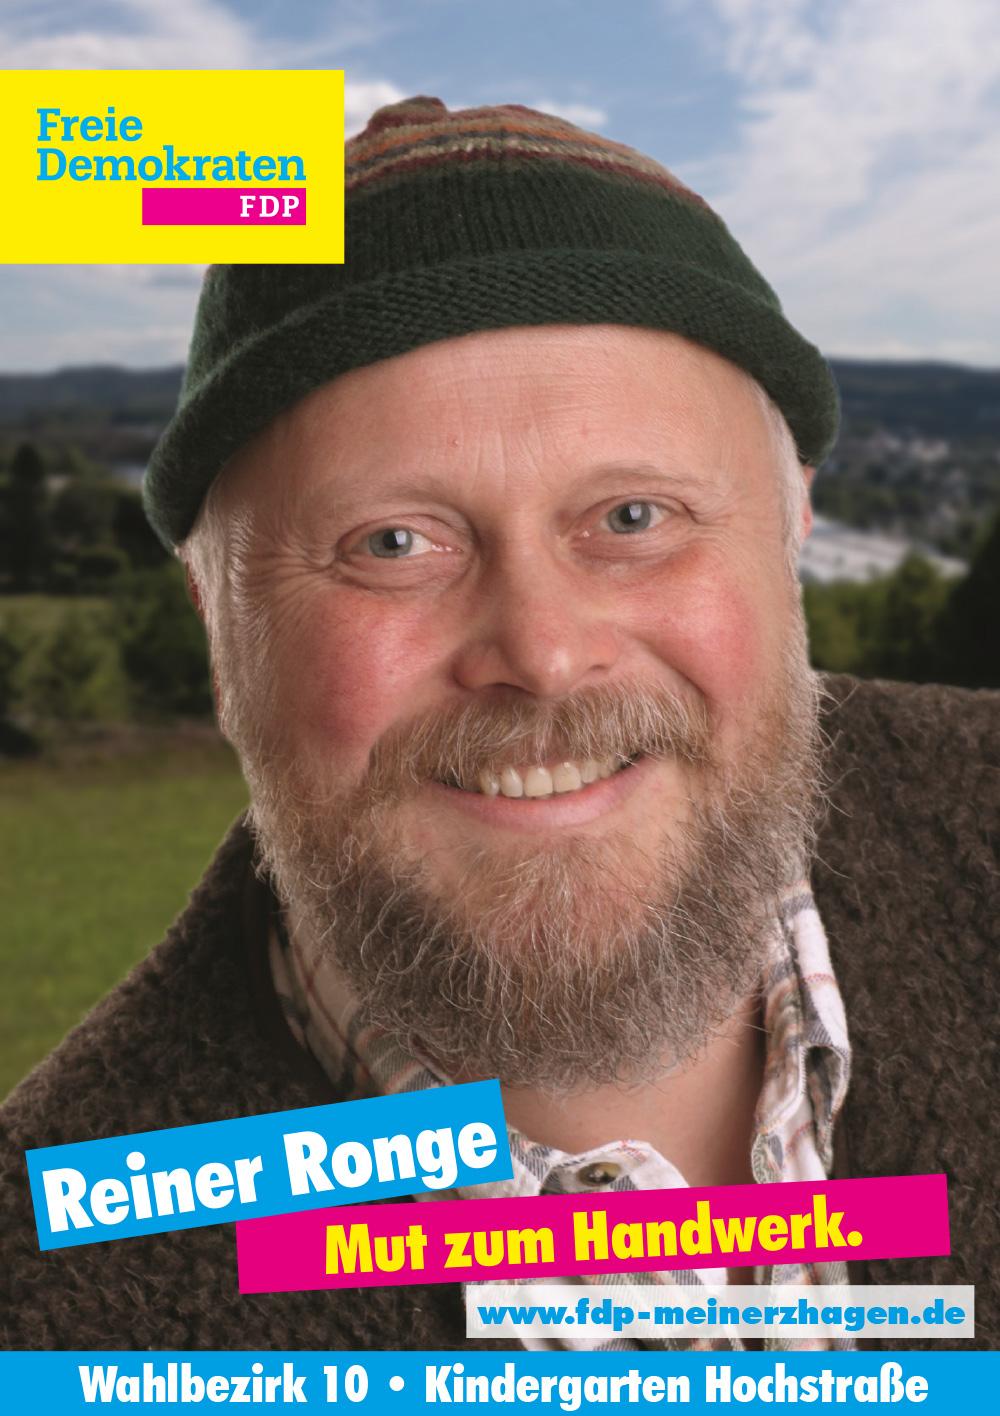 Wahlbezirk 10 - Reiner Ronge